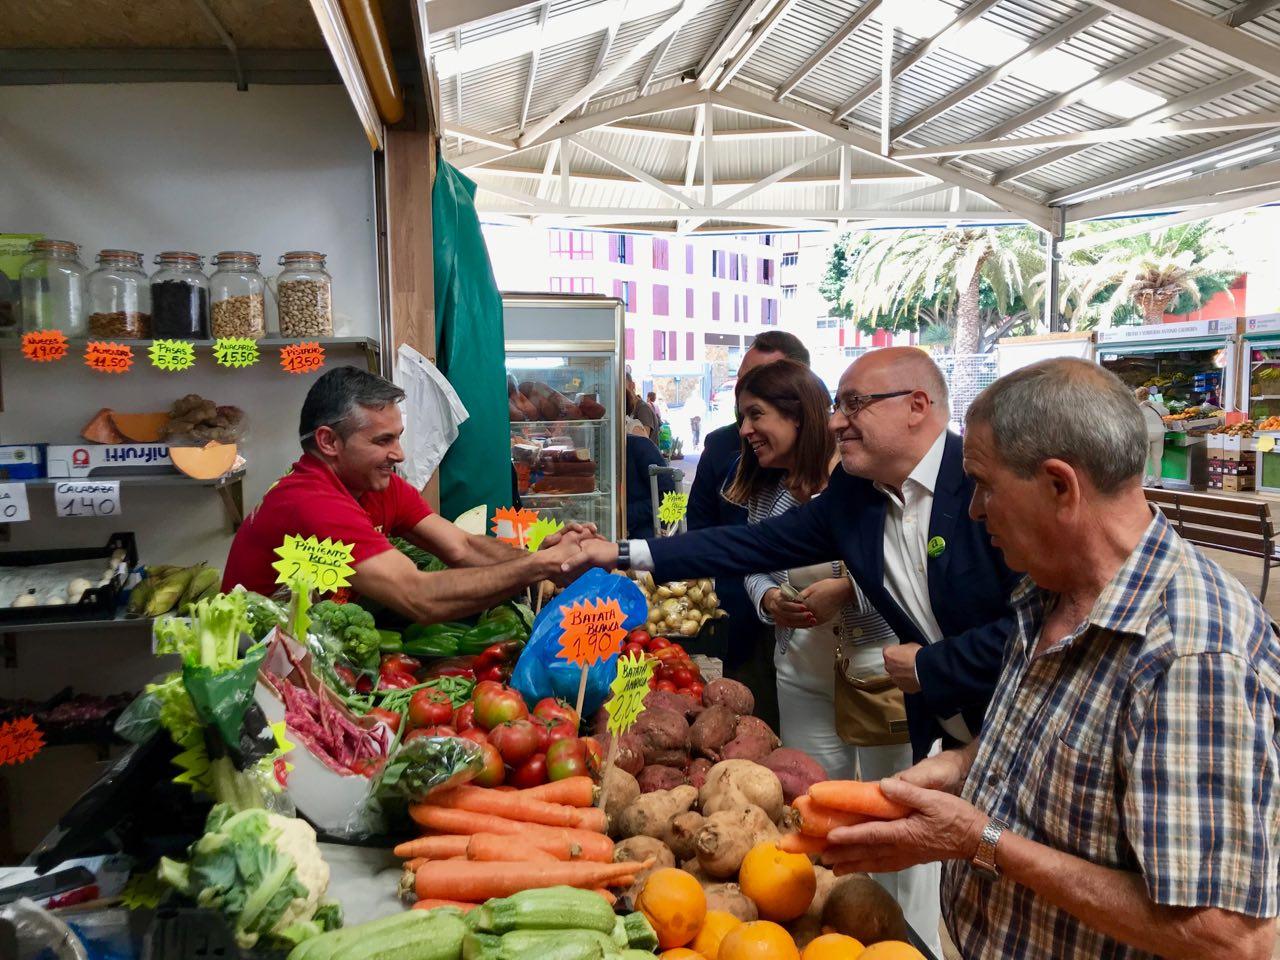 Morales seguirá impulsando las zonas comerciales abiertas como medida para dinamizar el comercio local